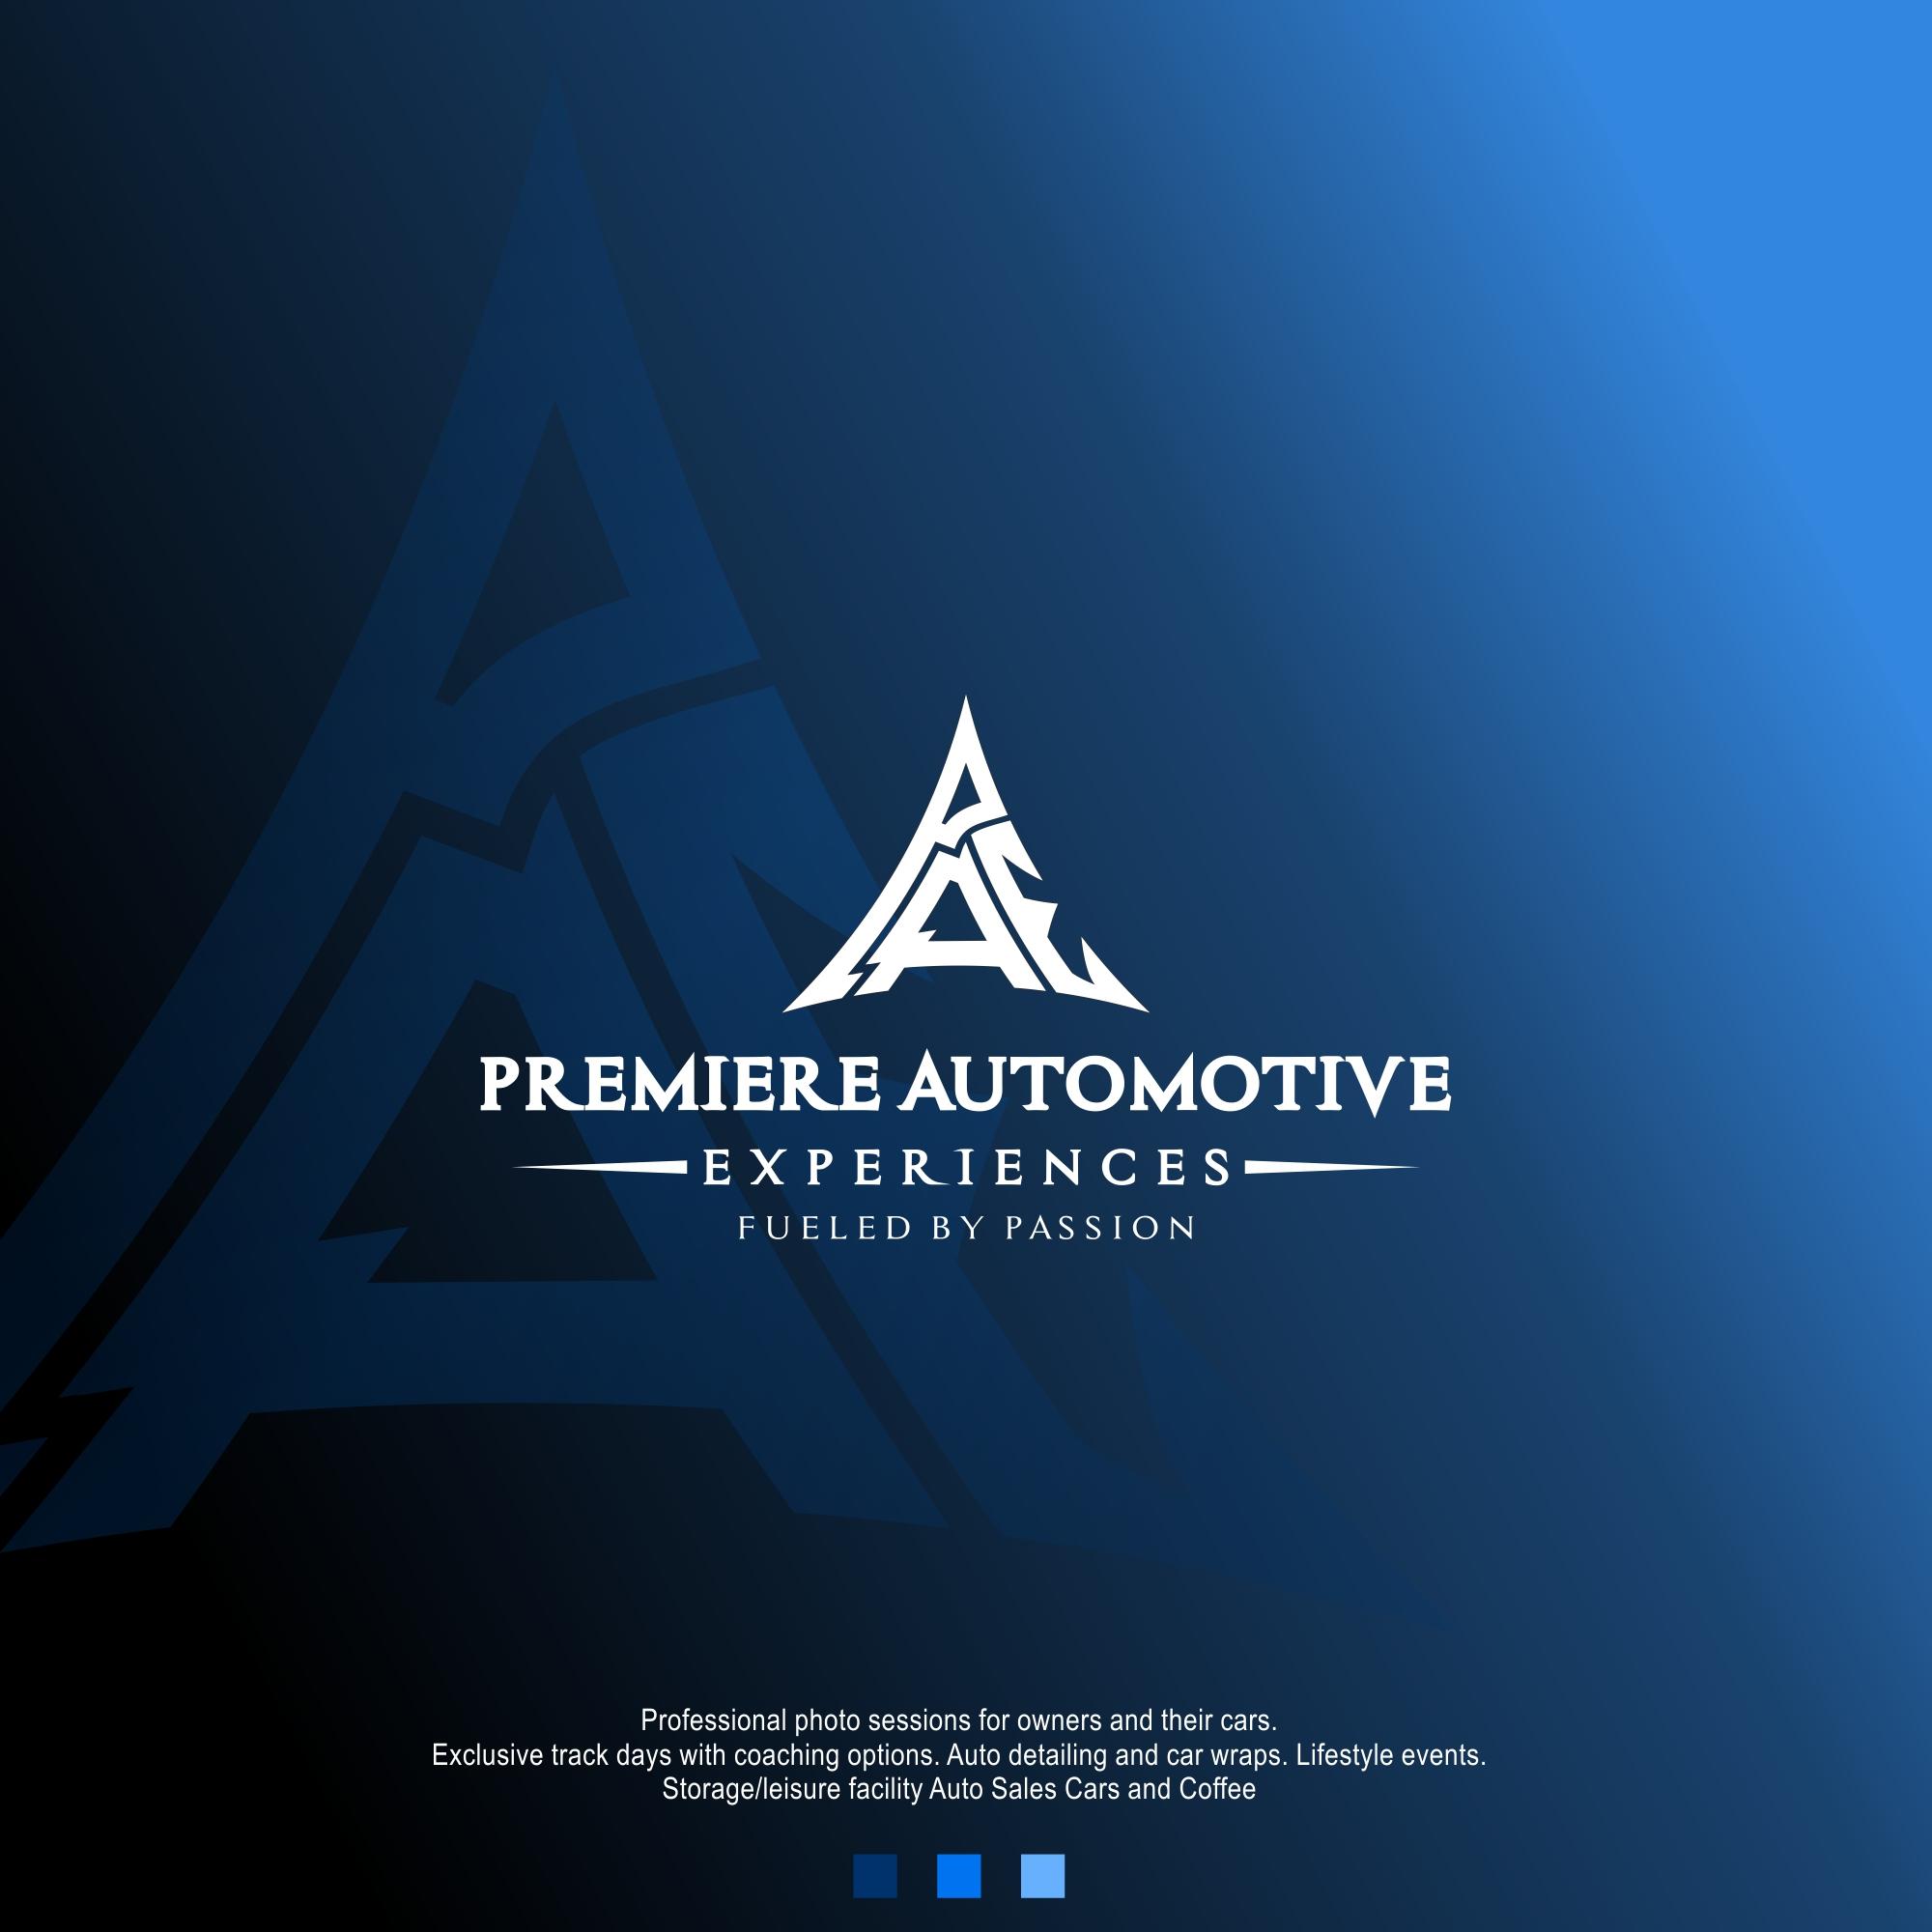 Automotive Logos Buy Car Auto Repair Logos Online